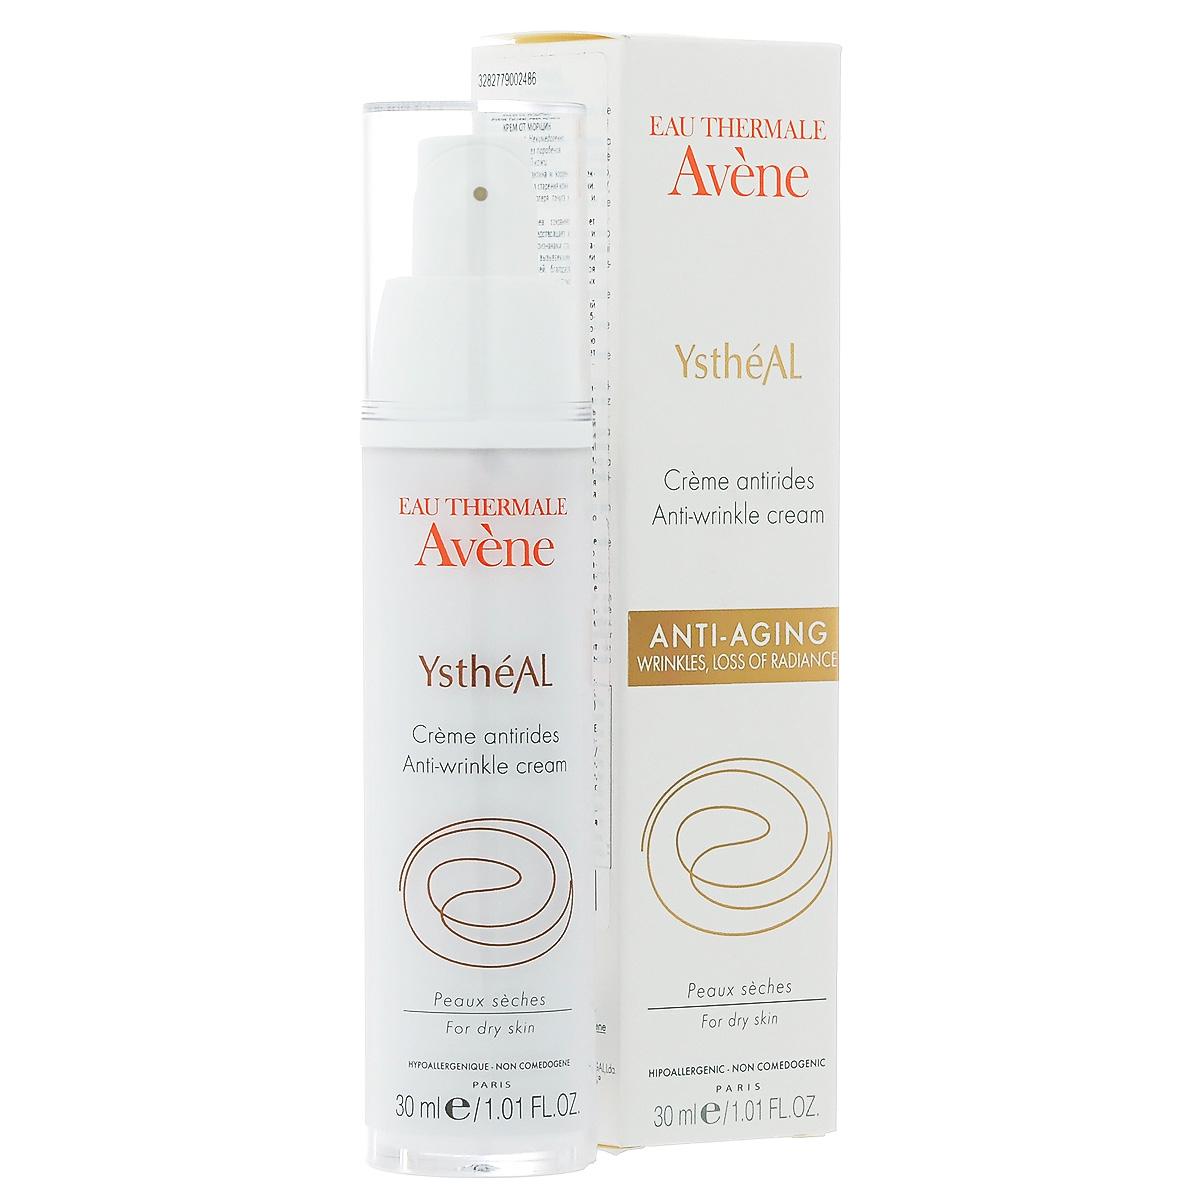 Avene Крем от старения Ystheal+ для лица 30 млC00248Разглаживает морщинки, препятствует снижению тонуса кожи, придает коже сияние. Профилактика и коррекция первых морщин. Для сухой кожи.